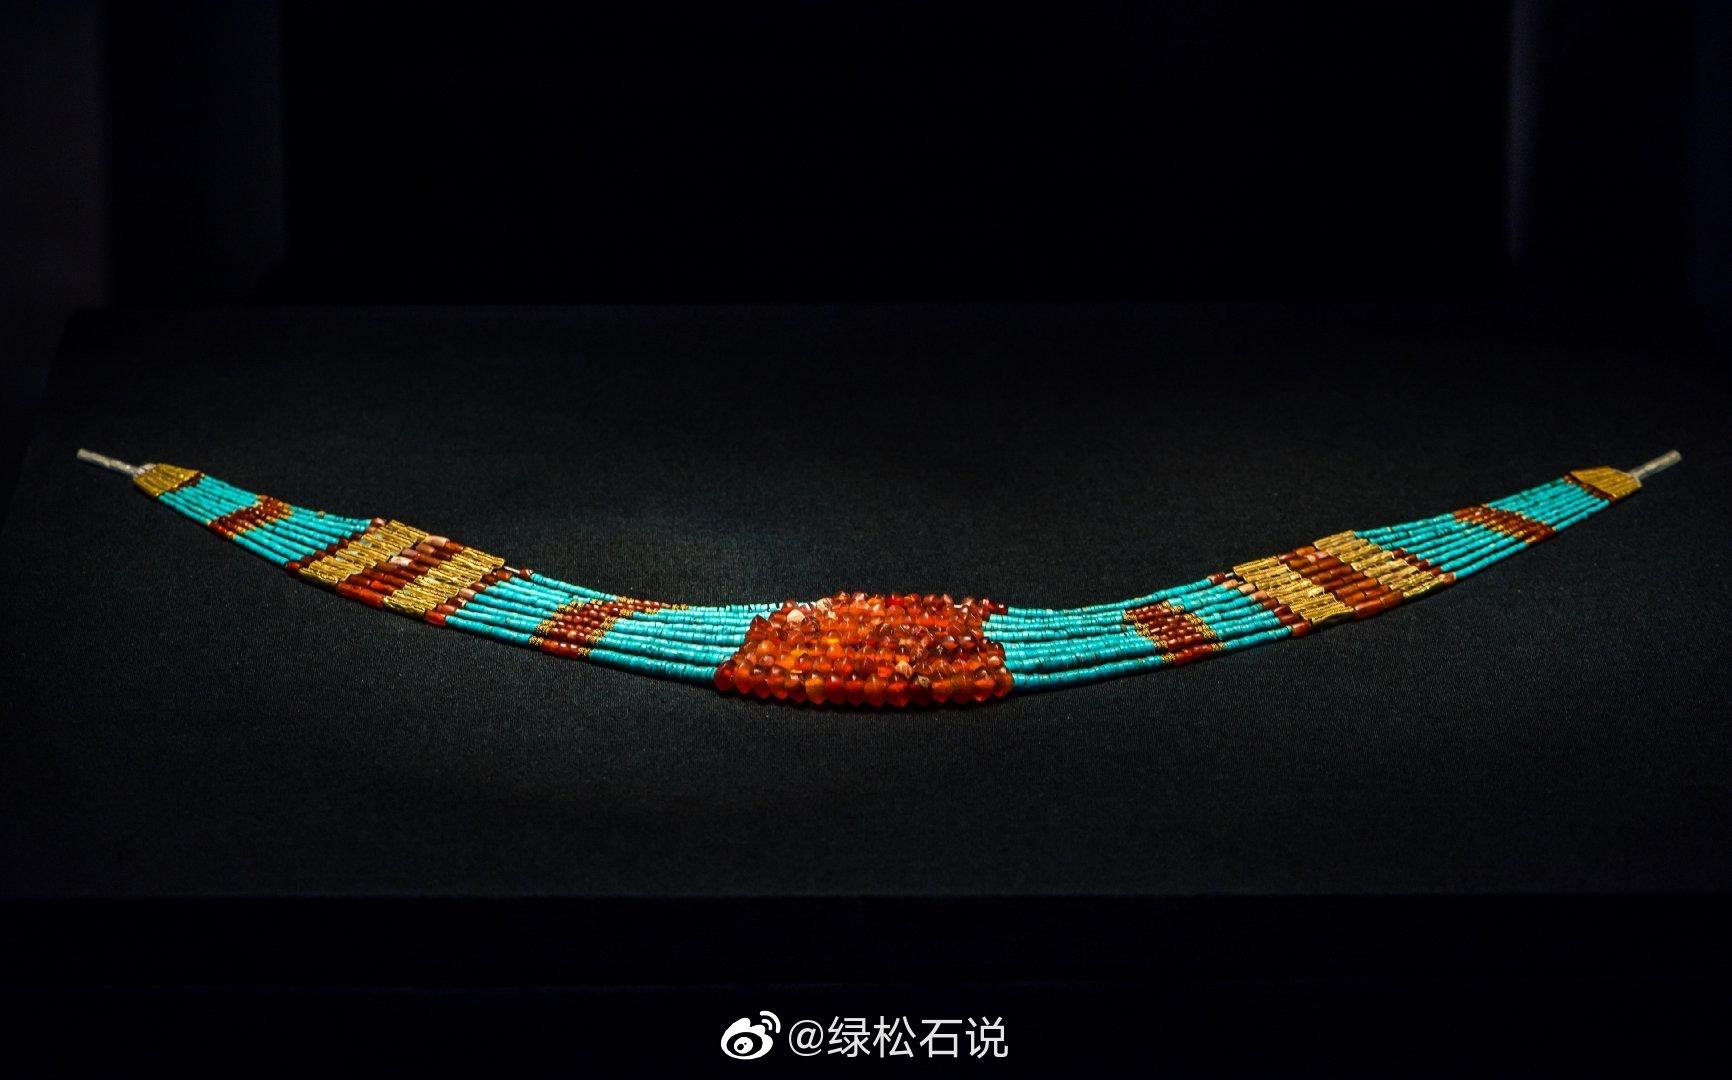 甘肃省文物考古研究所藏· 战国时期项饰